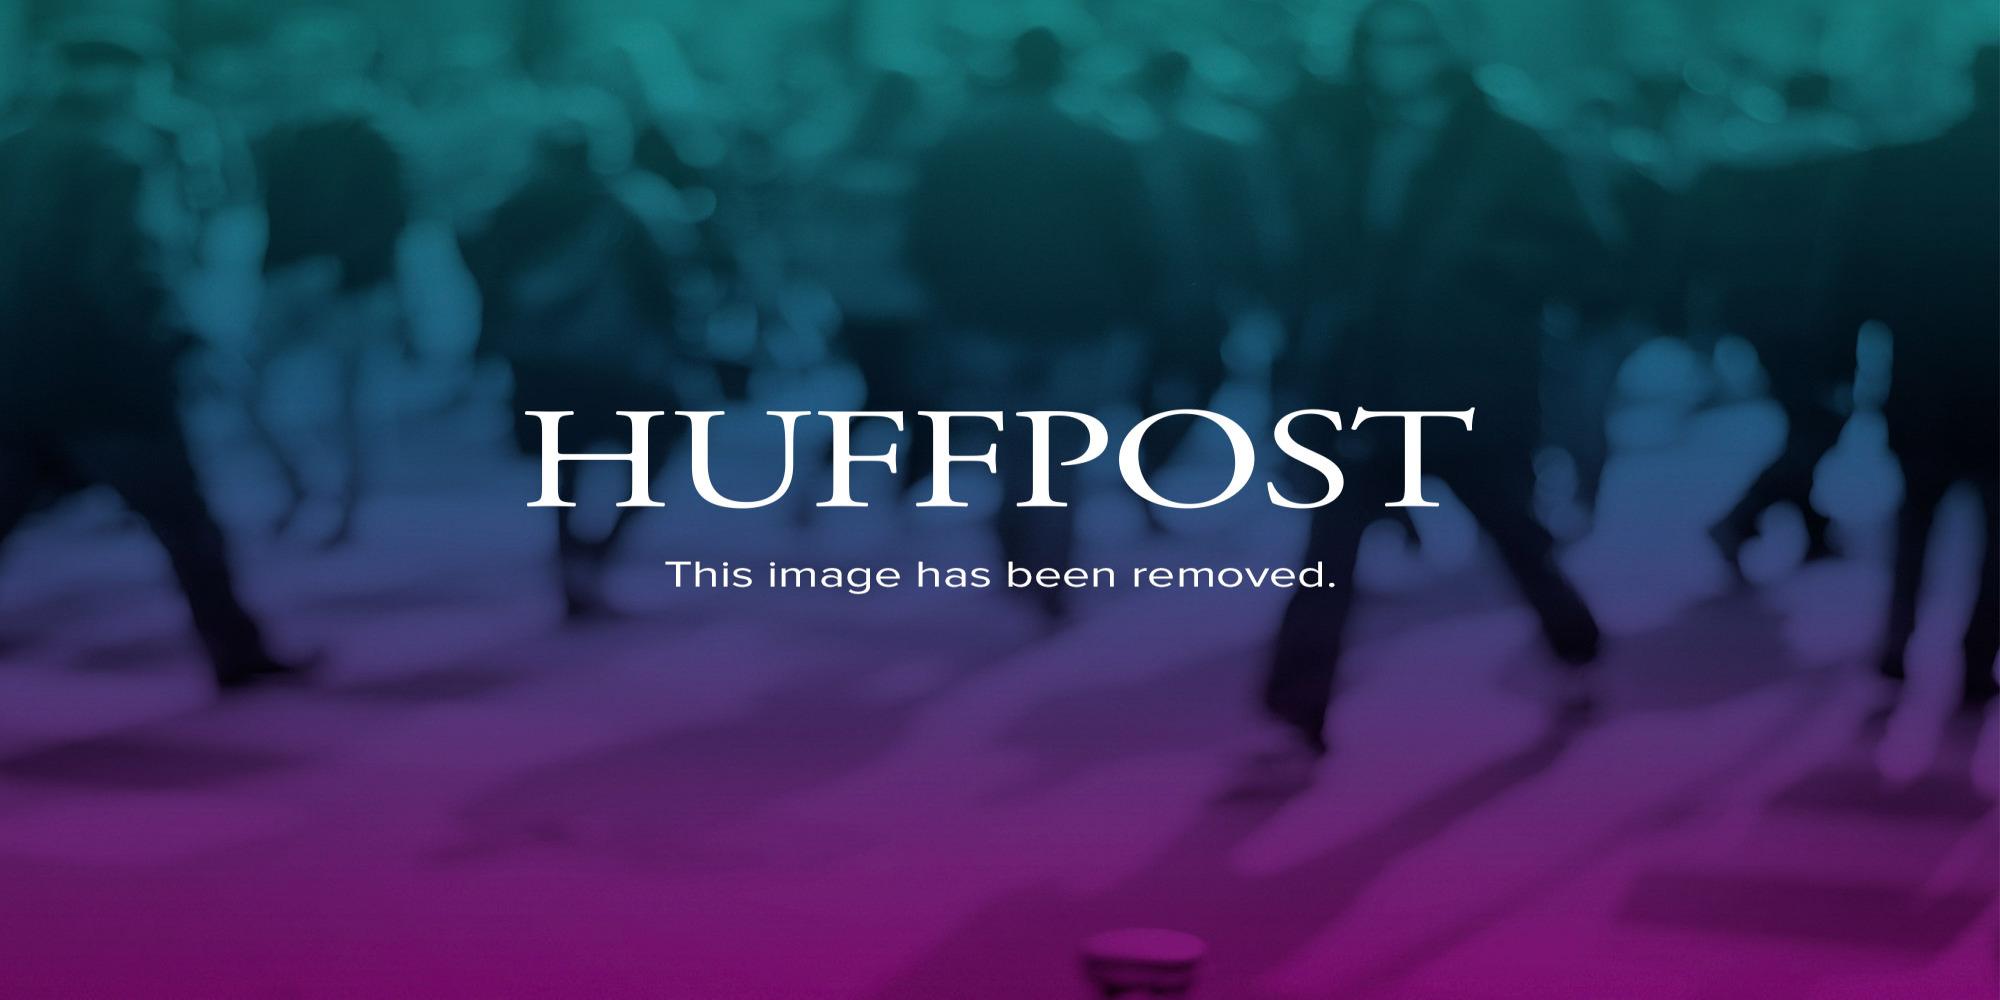 Верховный суд Алабамы отклонил обращение заключенного приговоренного к смертной казни